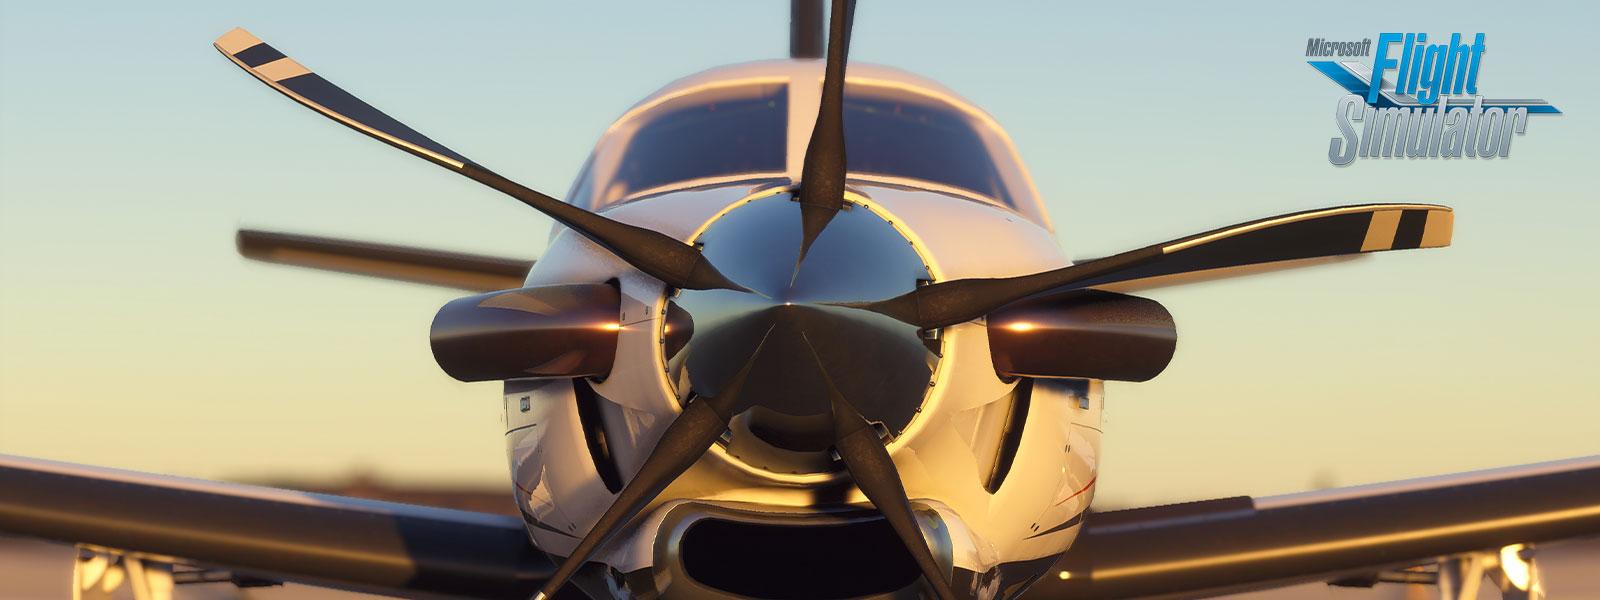 Μπροστινή όψη ενός αεροπλάνου στο έδαφος